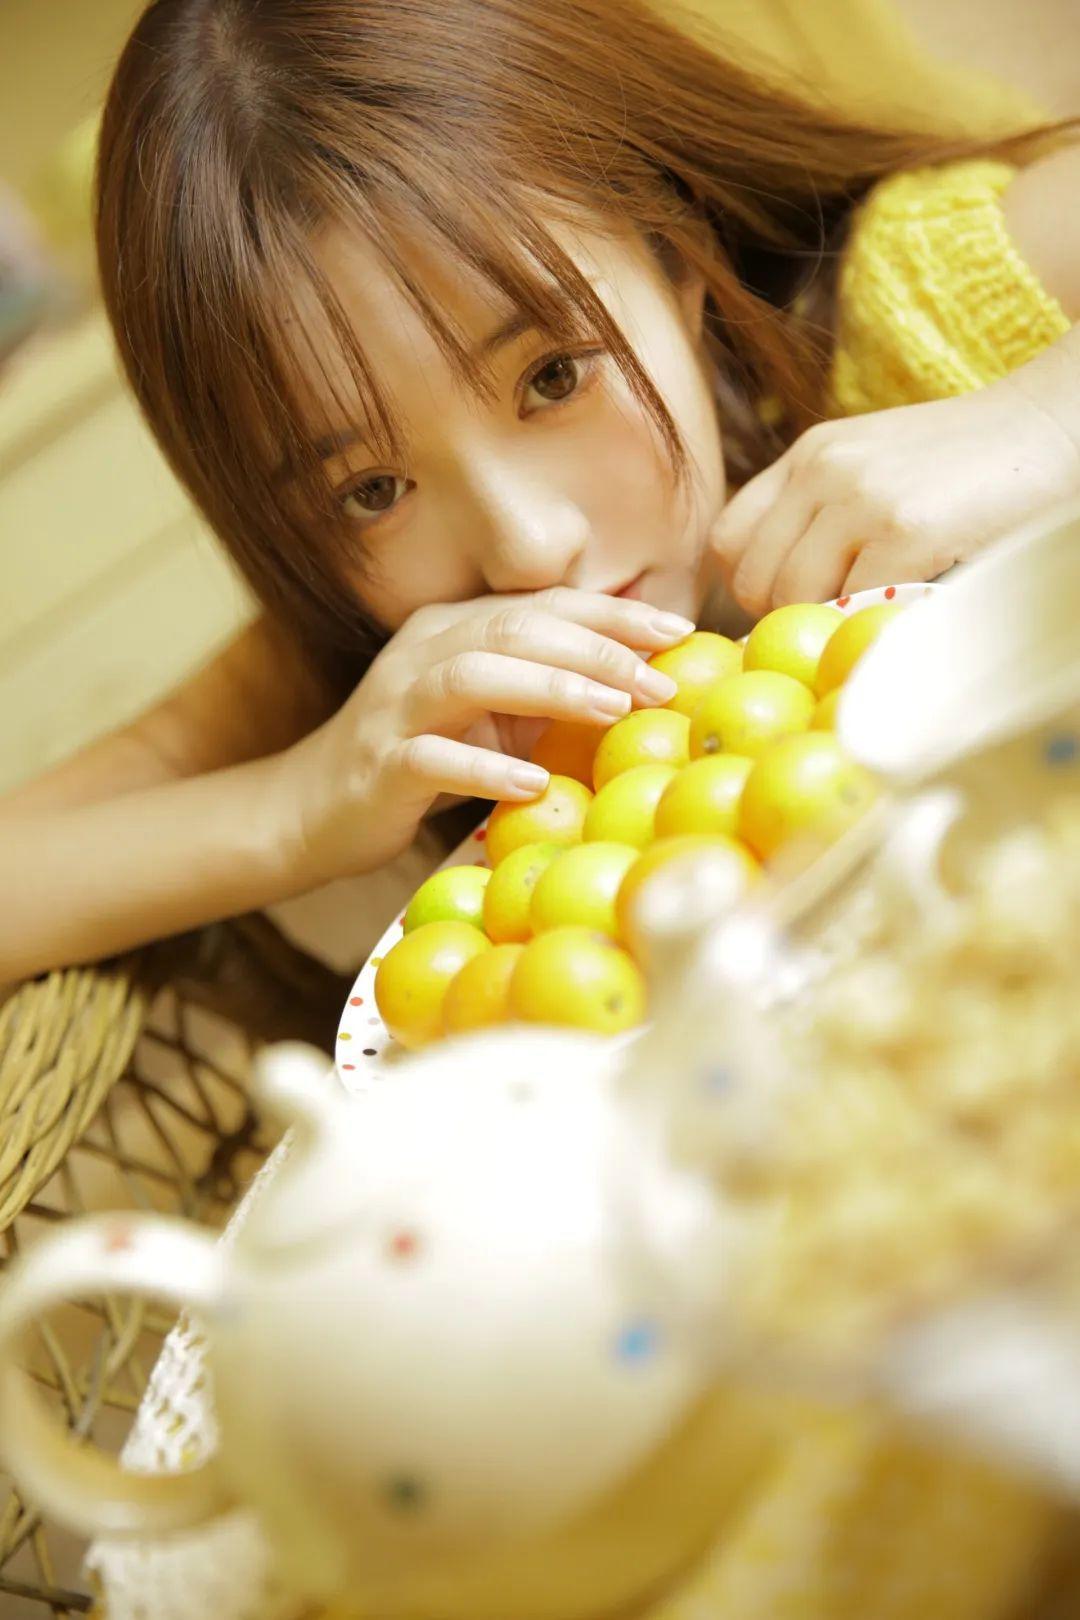 妹子摄影 – 淡黄的毛衣,修长的玉腿,治愈系美少女_图片 No.6